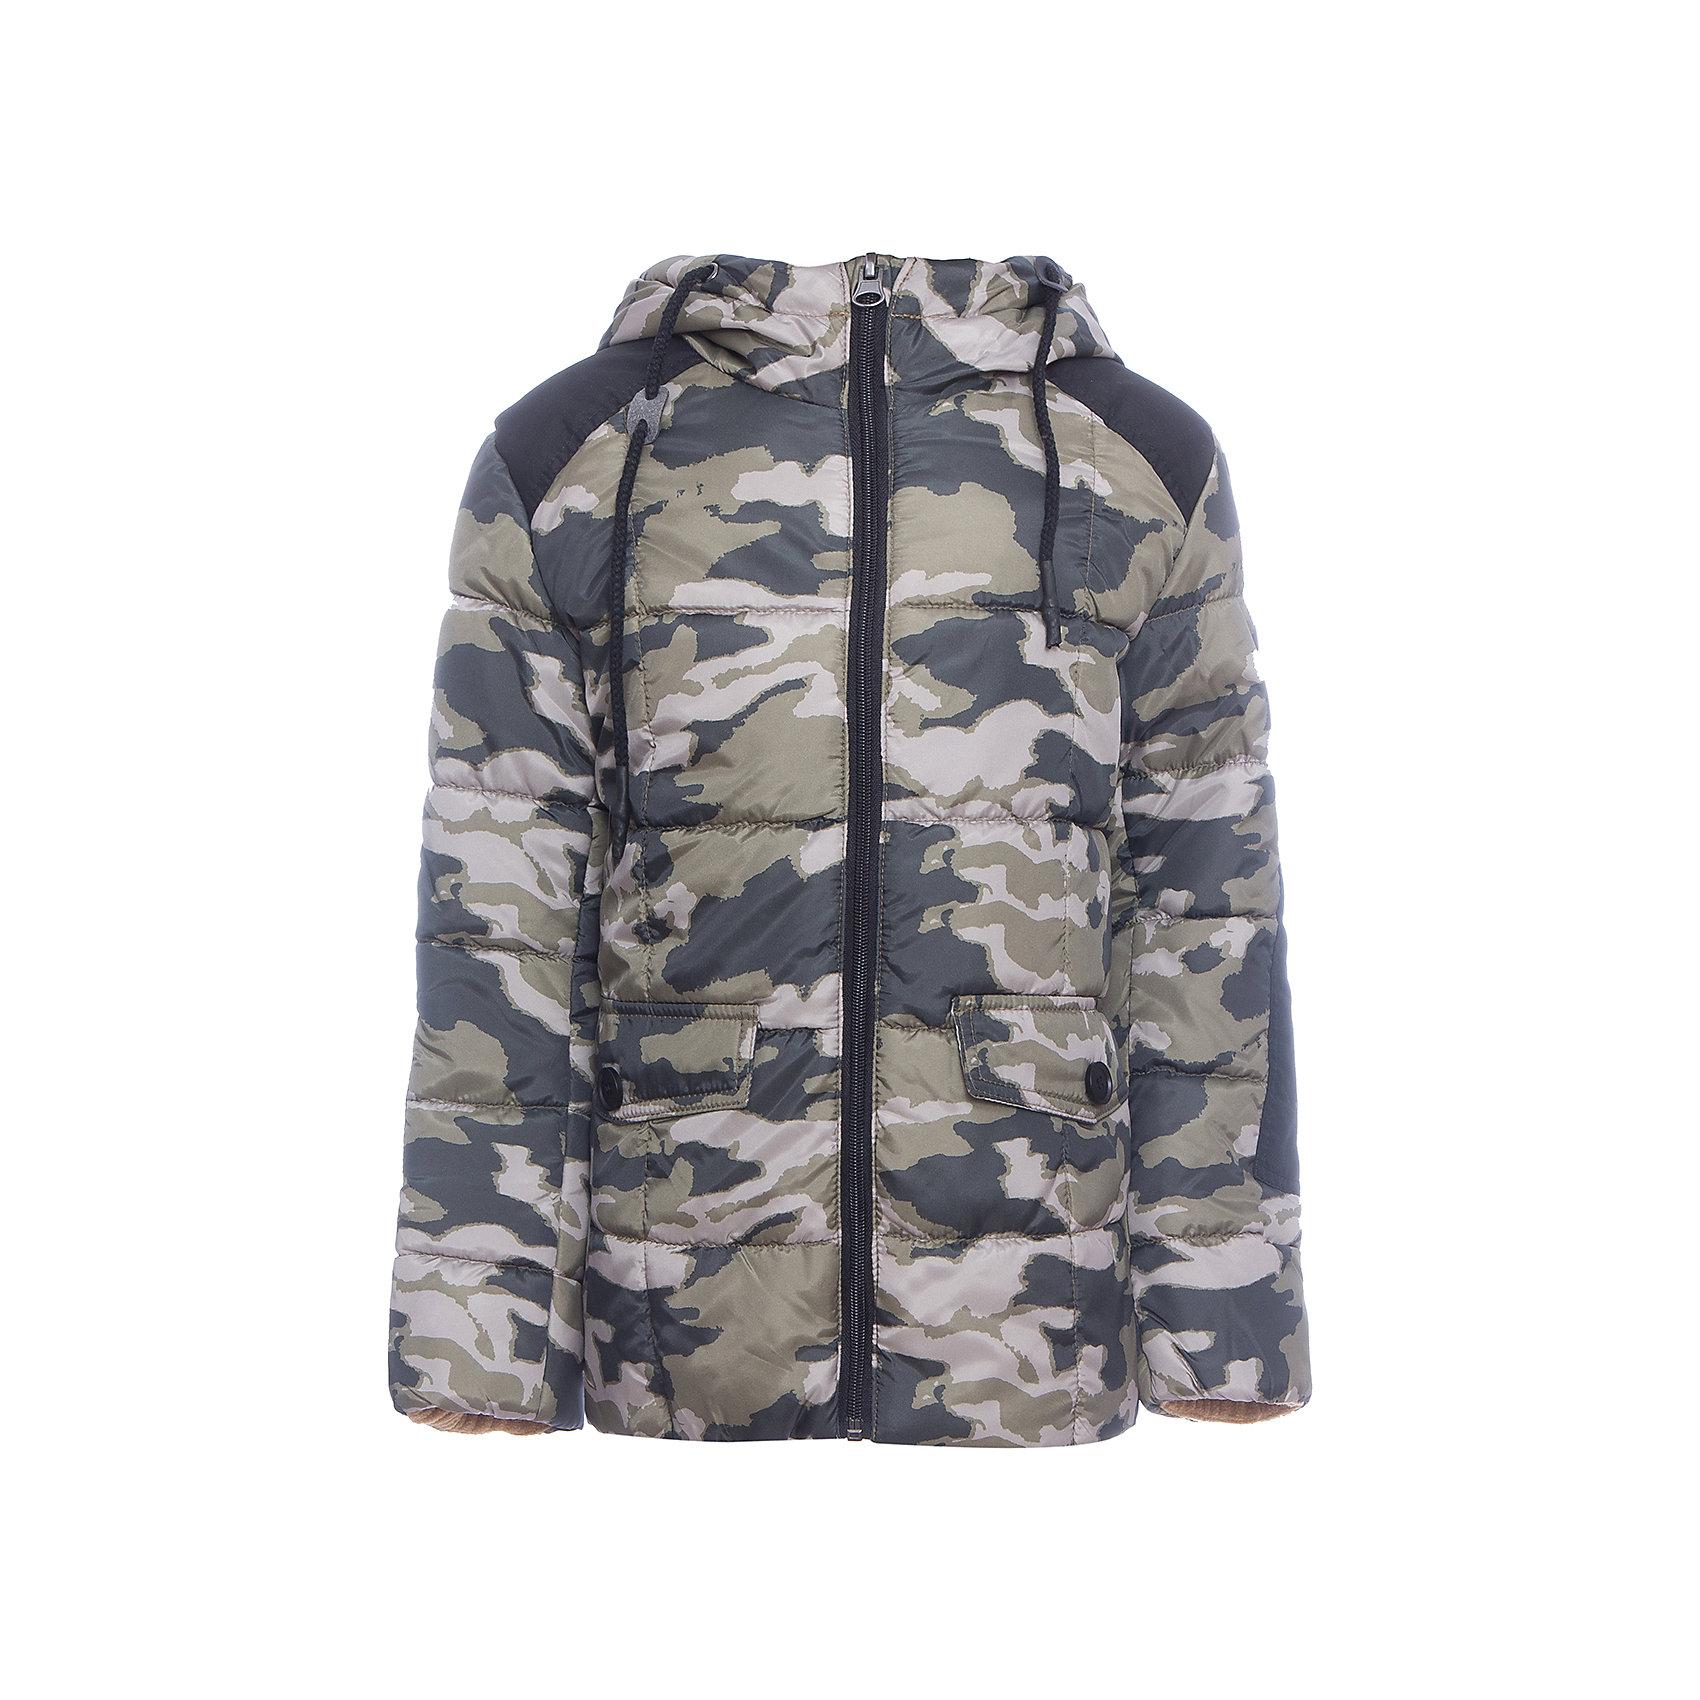 Куртка BOOM by Orby для мальчикаВерхняя одежда<br>Характеристики товара:<br><br>• цвет: коричневый<br>• ткань верха: Болонь pu milky <br>• подкладка: ПЭ пуходержащий<br>• утеплитель: Flexy Fiber 200 г/м2<br>• отделка: Таслан pu milky<br>• сезон: демисезон<br>• температурный режим: от -5° до +10°С<br>• особенности: на молнии, стеганая<br>• тип куртки: стеганая<br>• капюшон: без меха, несъемный<br>• страна бренда: Россия<br>• страна изготовитель: Россия<br><br>Правильная демисезонная одежда для детей должна учитывать переменную погоду, быть теплой и удобной, как эта куртка для мальчика. Благодаря утеплителю, оптимальному прилеганию и капюшону такая куртка защитит ребенка от холода и сырости в демисезон. <br><br>Куртку BOOM by Orby для мальчика можно купить в нашем интернет-магазине.<br><br>Ширина мм: 356<br>Глубина мм: 10<br>Высота мм: 245<br>Вес г: 519<br>Цвет: коричневый<br>Возраст от месяцев: 36<br>Возраст до месяцев: 48<br>Пол: Мужской<br>Возраст: Детский<br>Размер: 104,158,152,146,140,134,128,122,116,98,110<br>SKU: 7007386